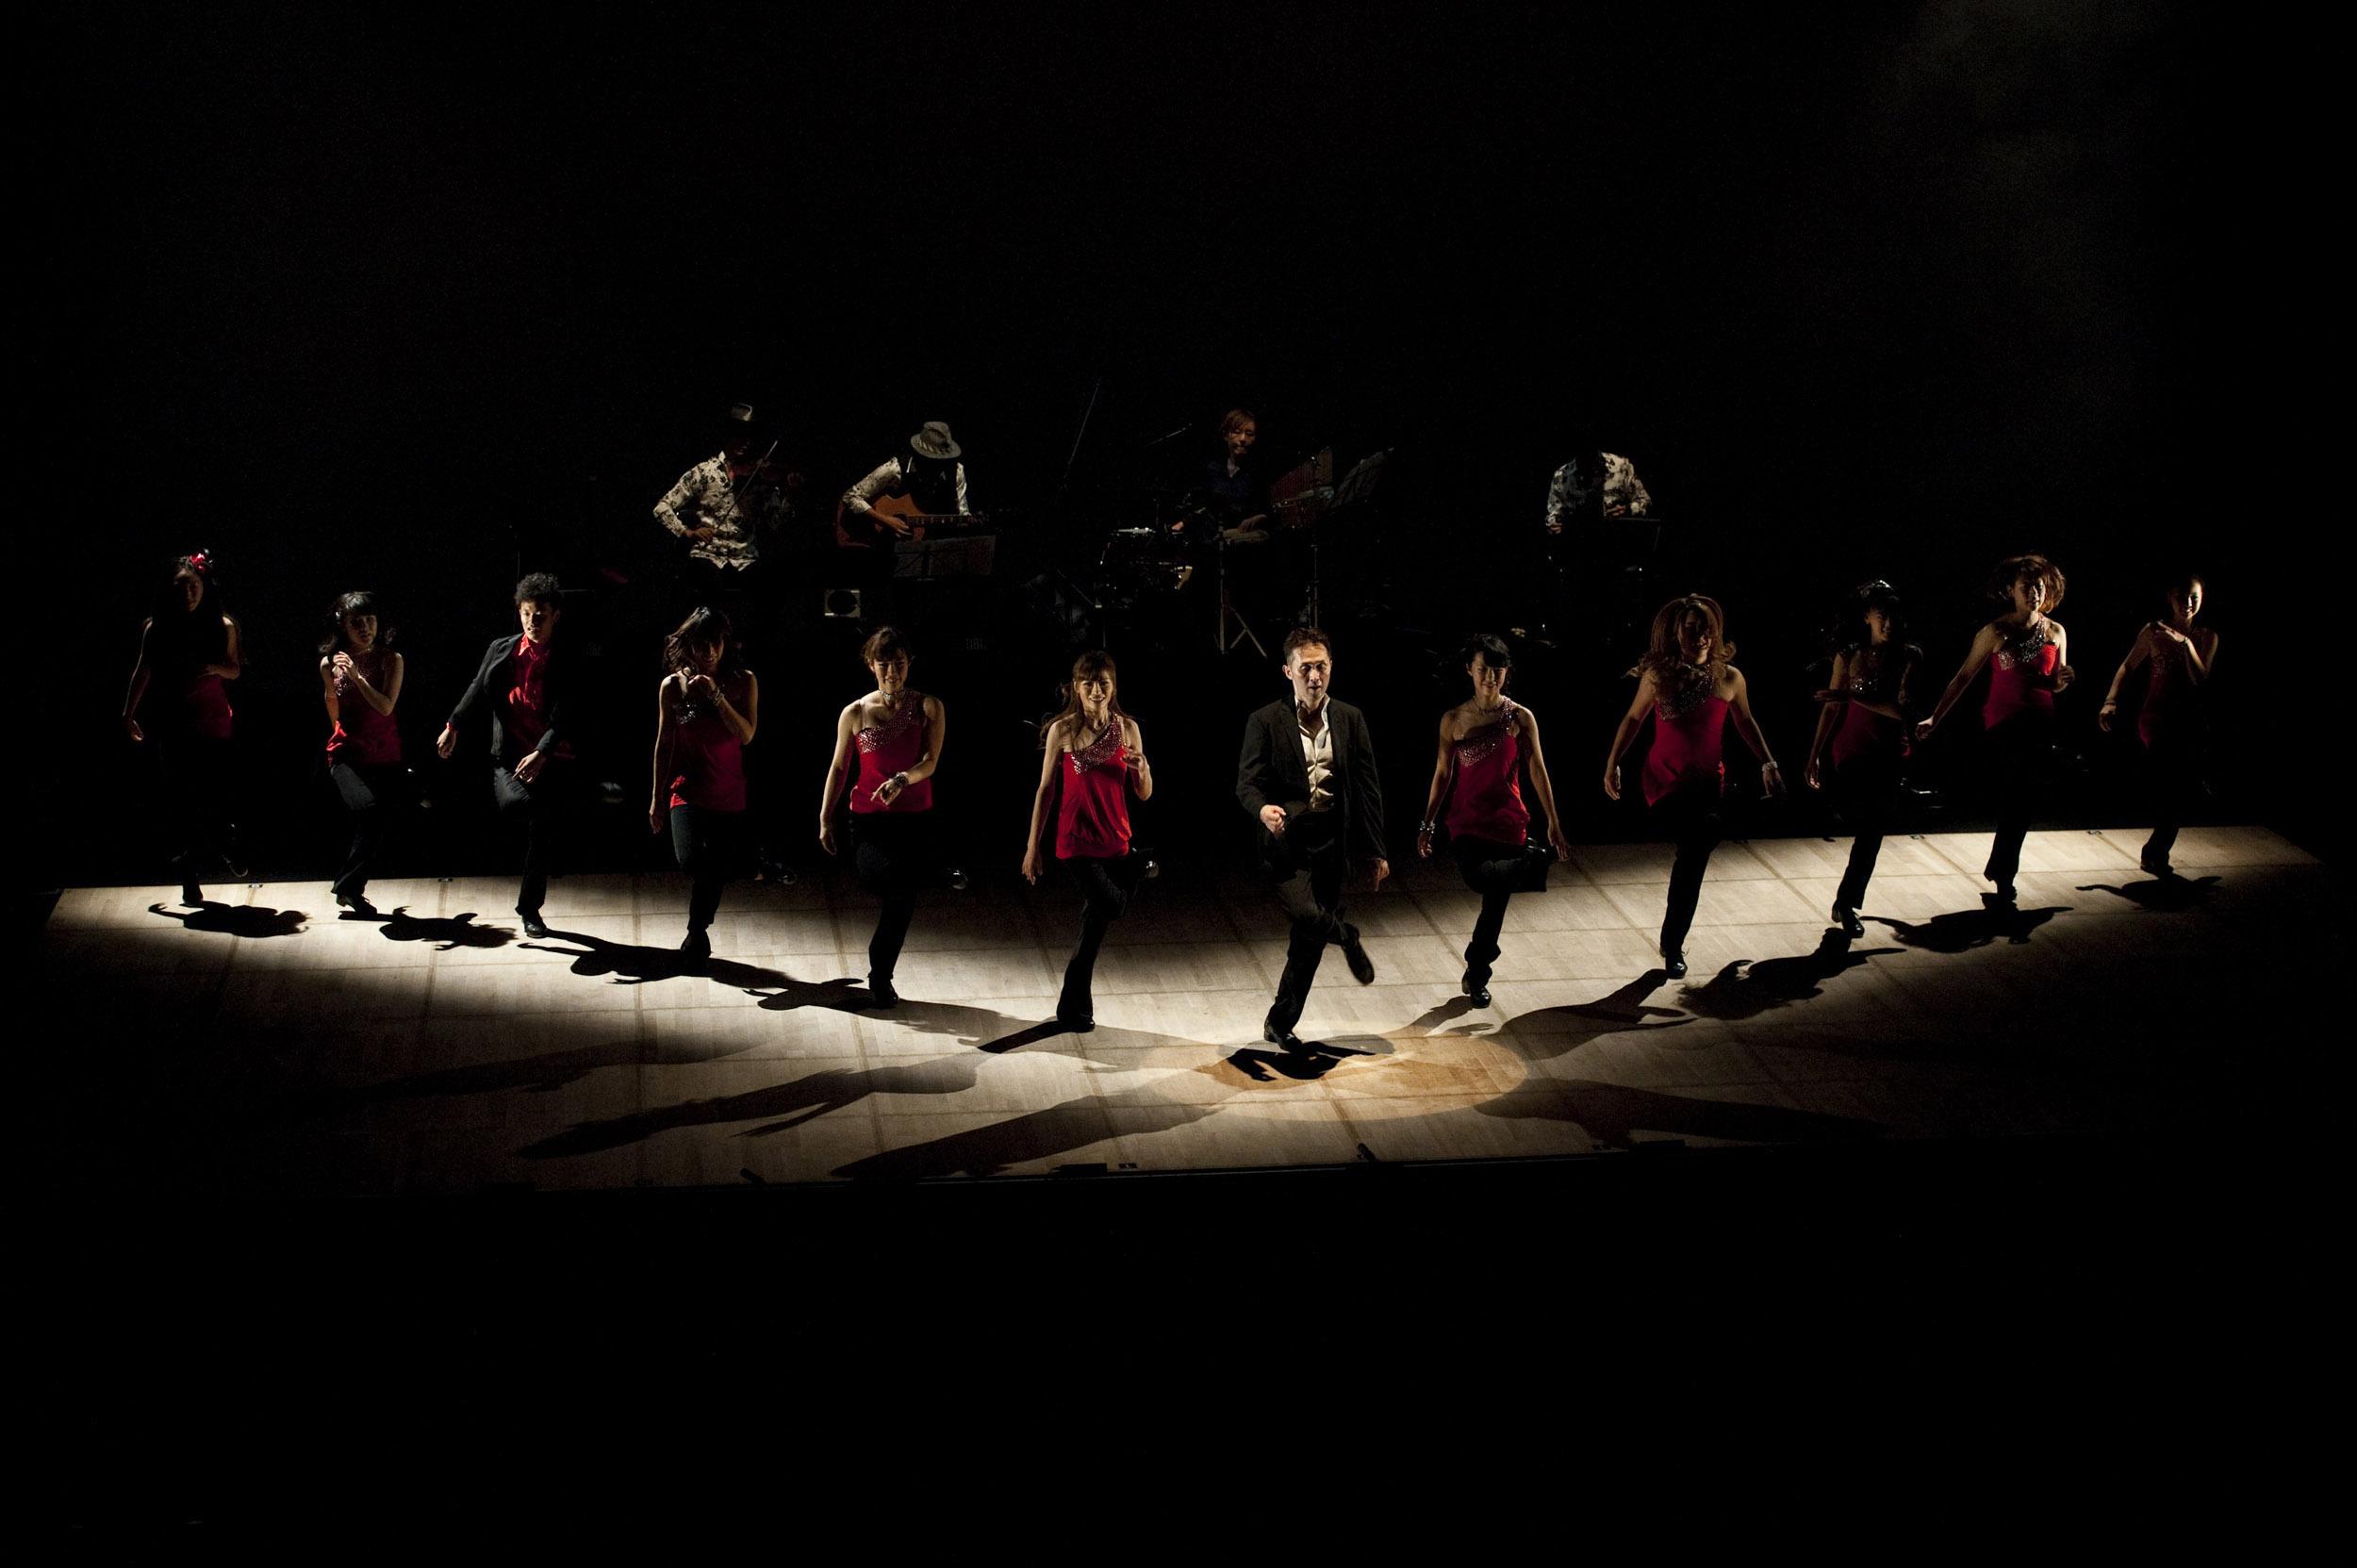 J-CLICK 迫力のアイリッシュダンスの世界